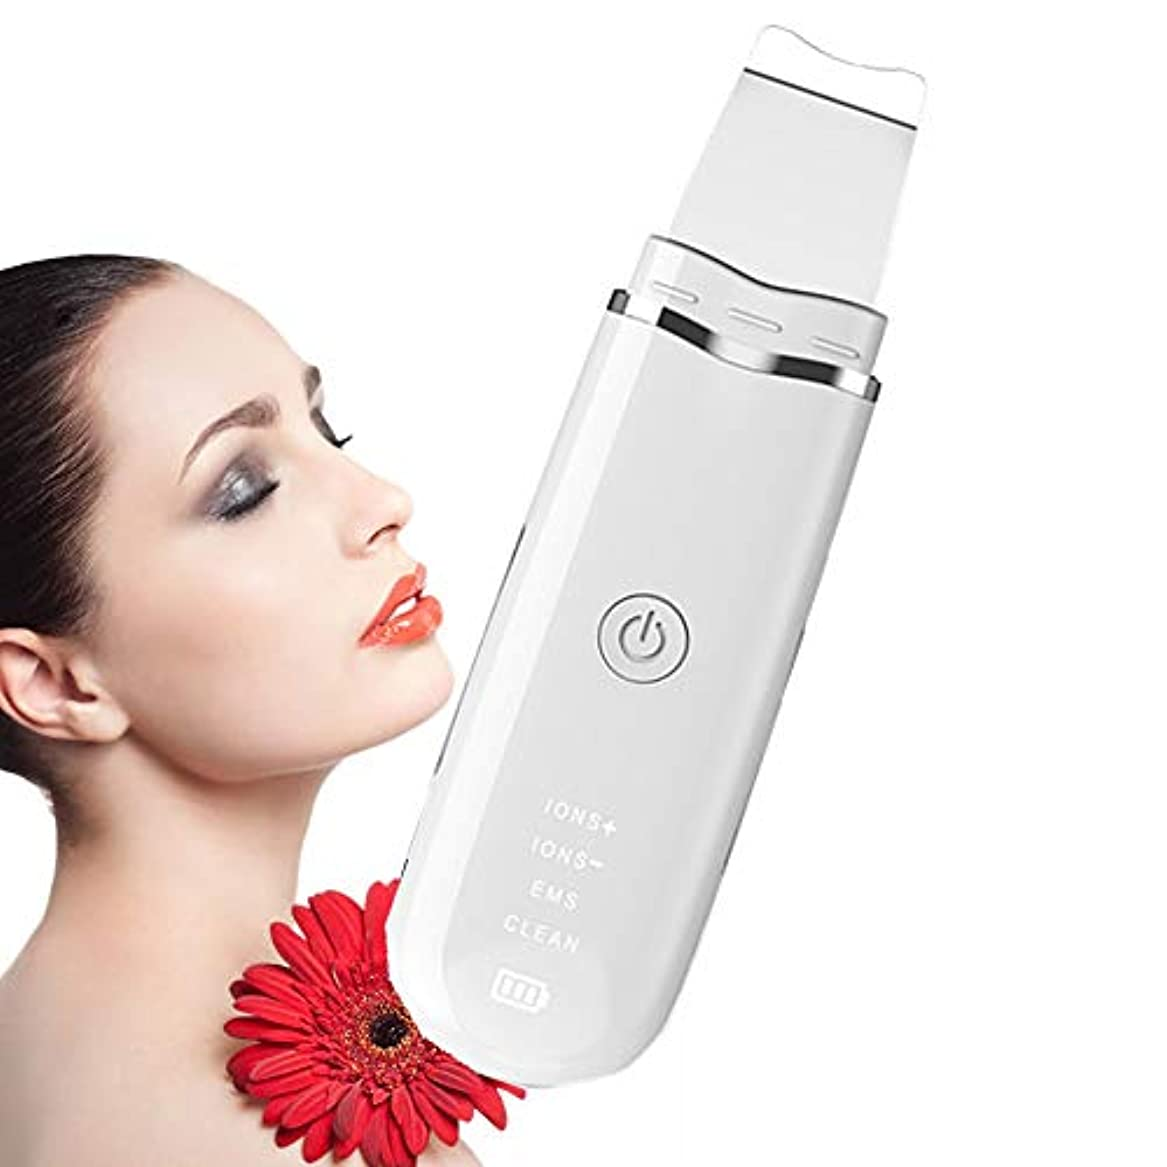 ティーム禁止する調べる顔の皮膚スクラバースキンEMSイオンクリーナーブラックヘッド除去はツールデッドスキンの除去を剥離クリーナーリンクルリムーバーにきび面皰ExtractorのUSB充電式フェイシャルマッサージリフティングを毛穴